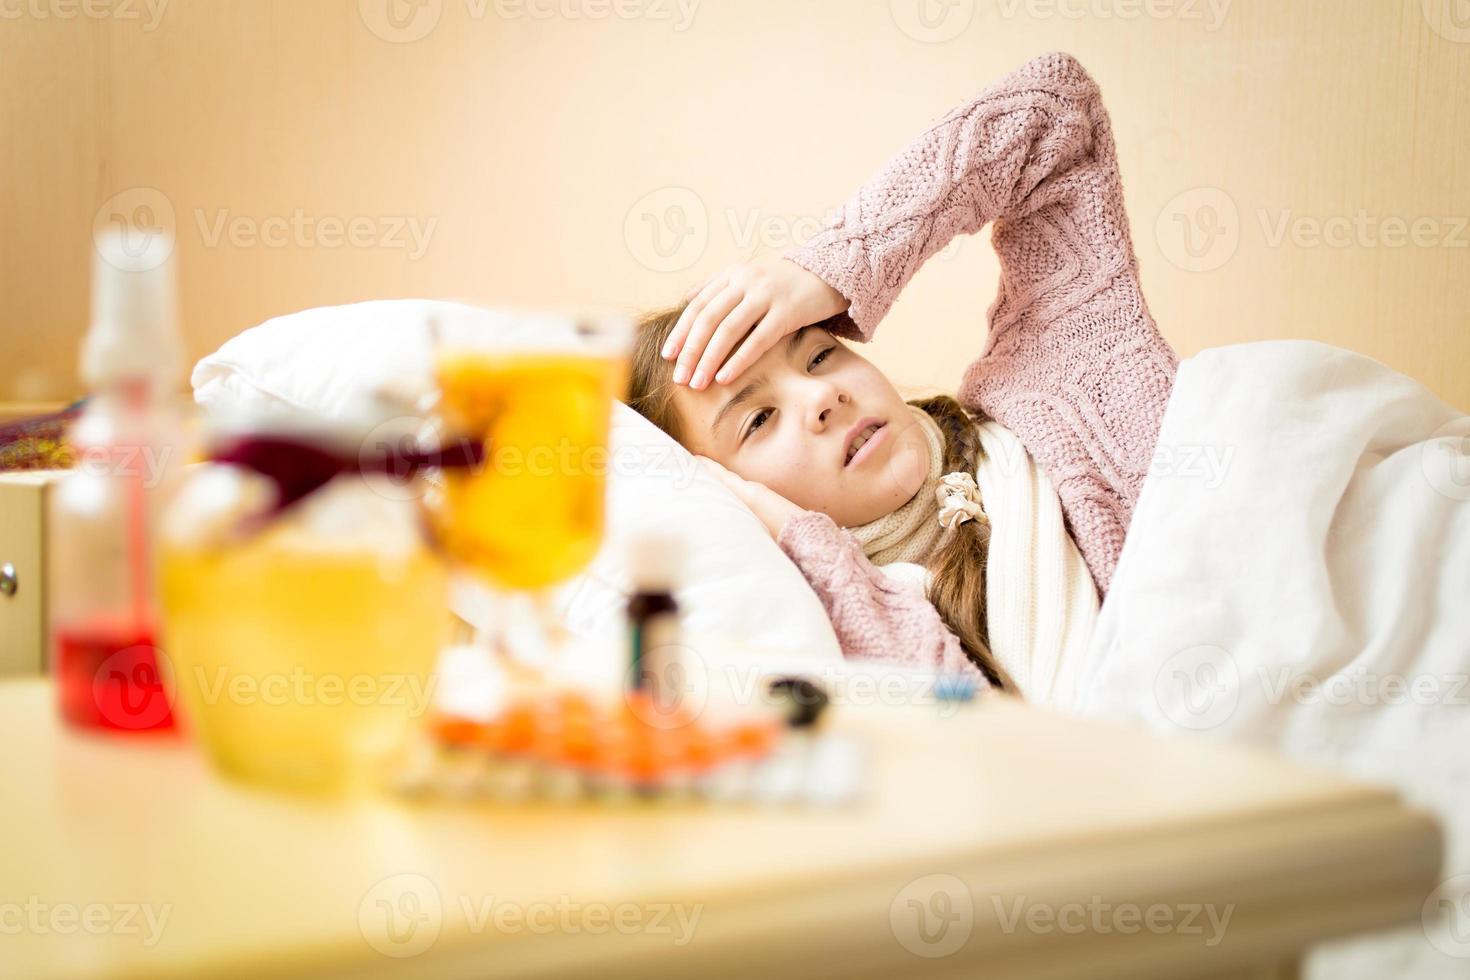 kleines krankes Mädchen mit hoher Temperatur im Schlafzimmer liegend foto